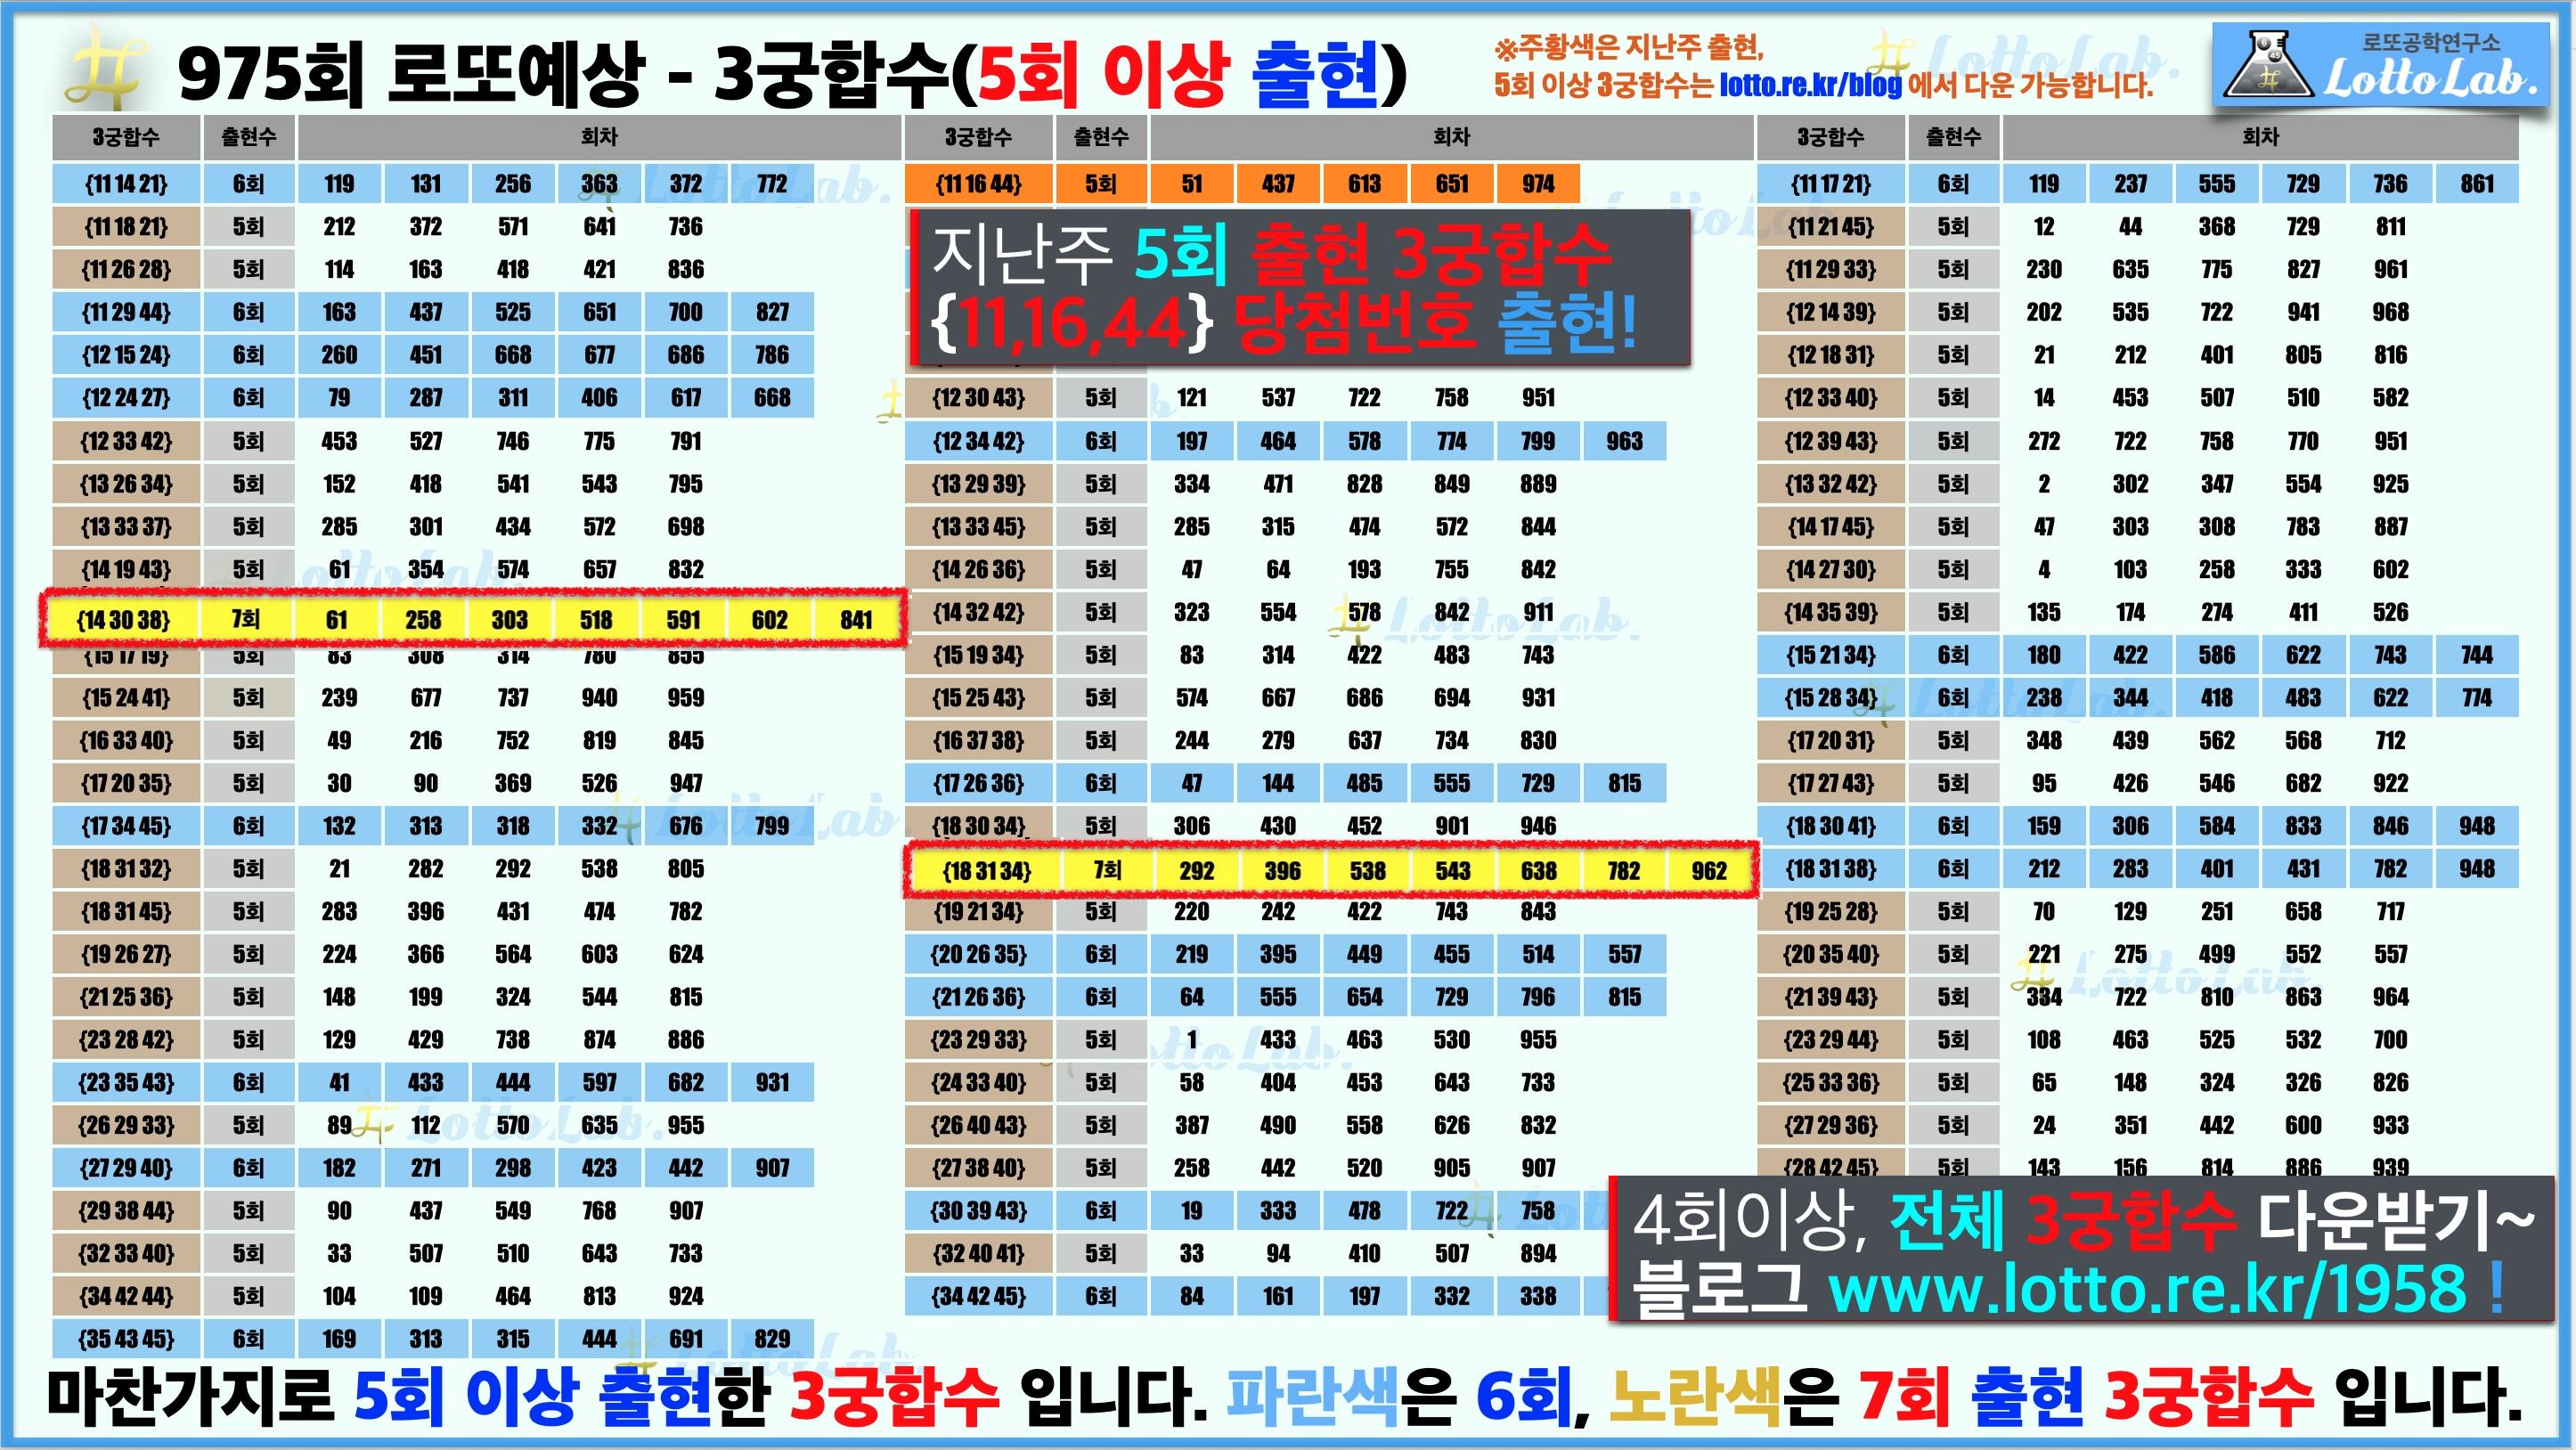 로또랩 로또975 당첨 번호 예상 - 3궁합수2